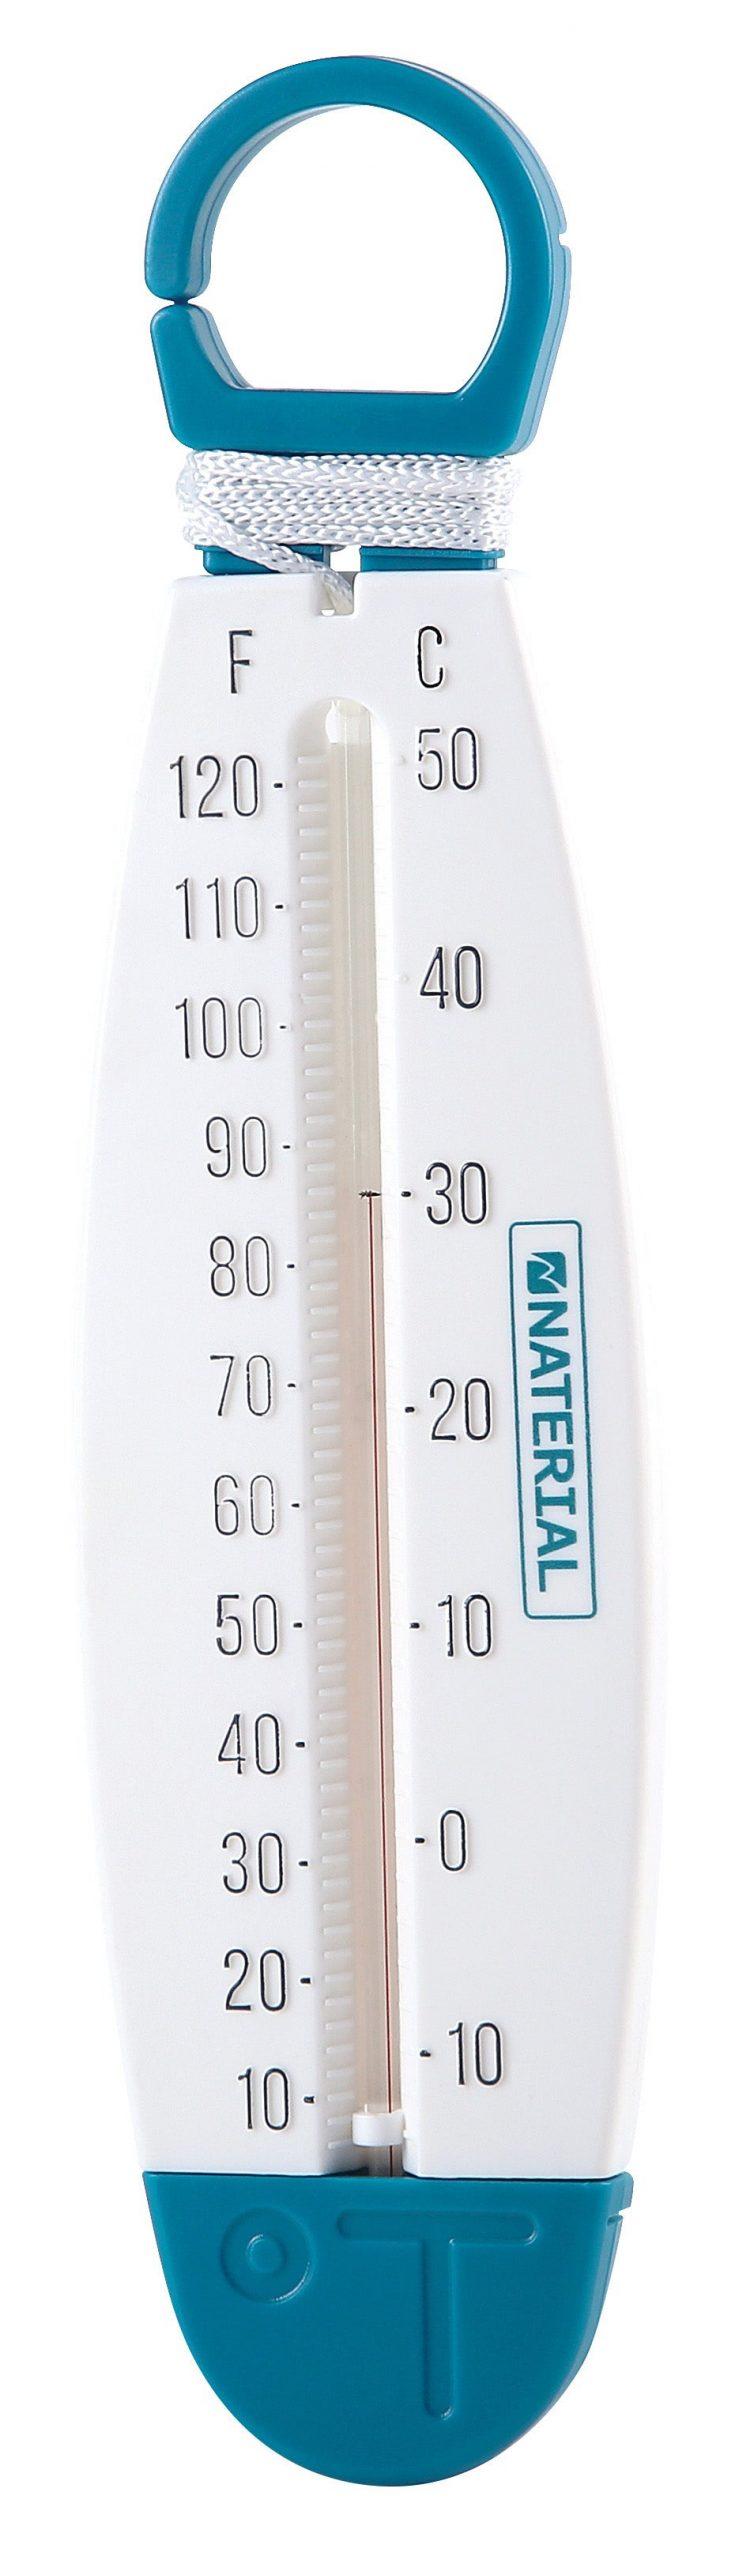 Petit Thermomètre À Suspendre Pour Piscine Naterial destiné Thermometre Piscine Connecté